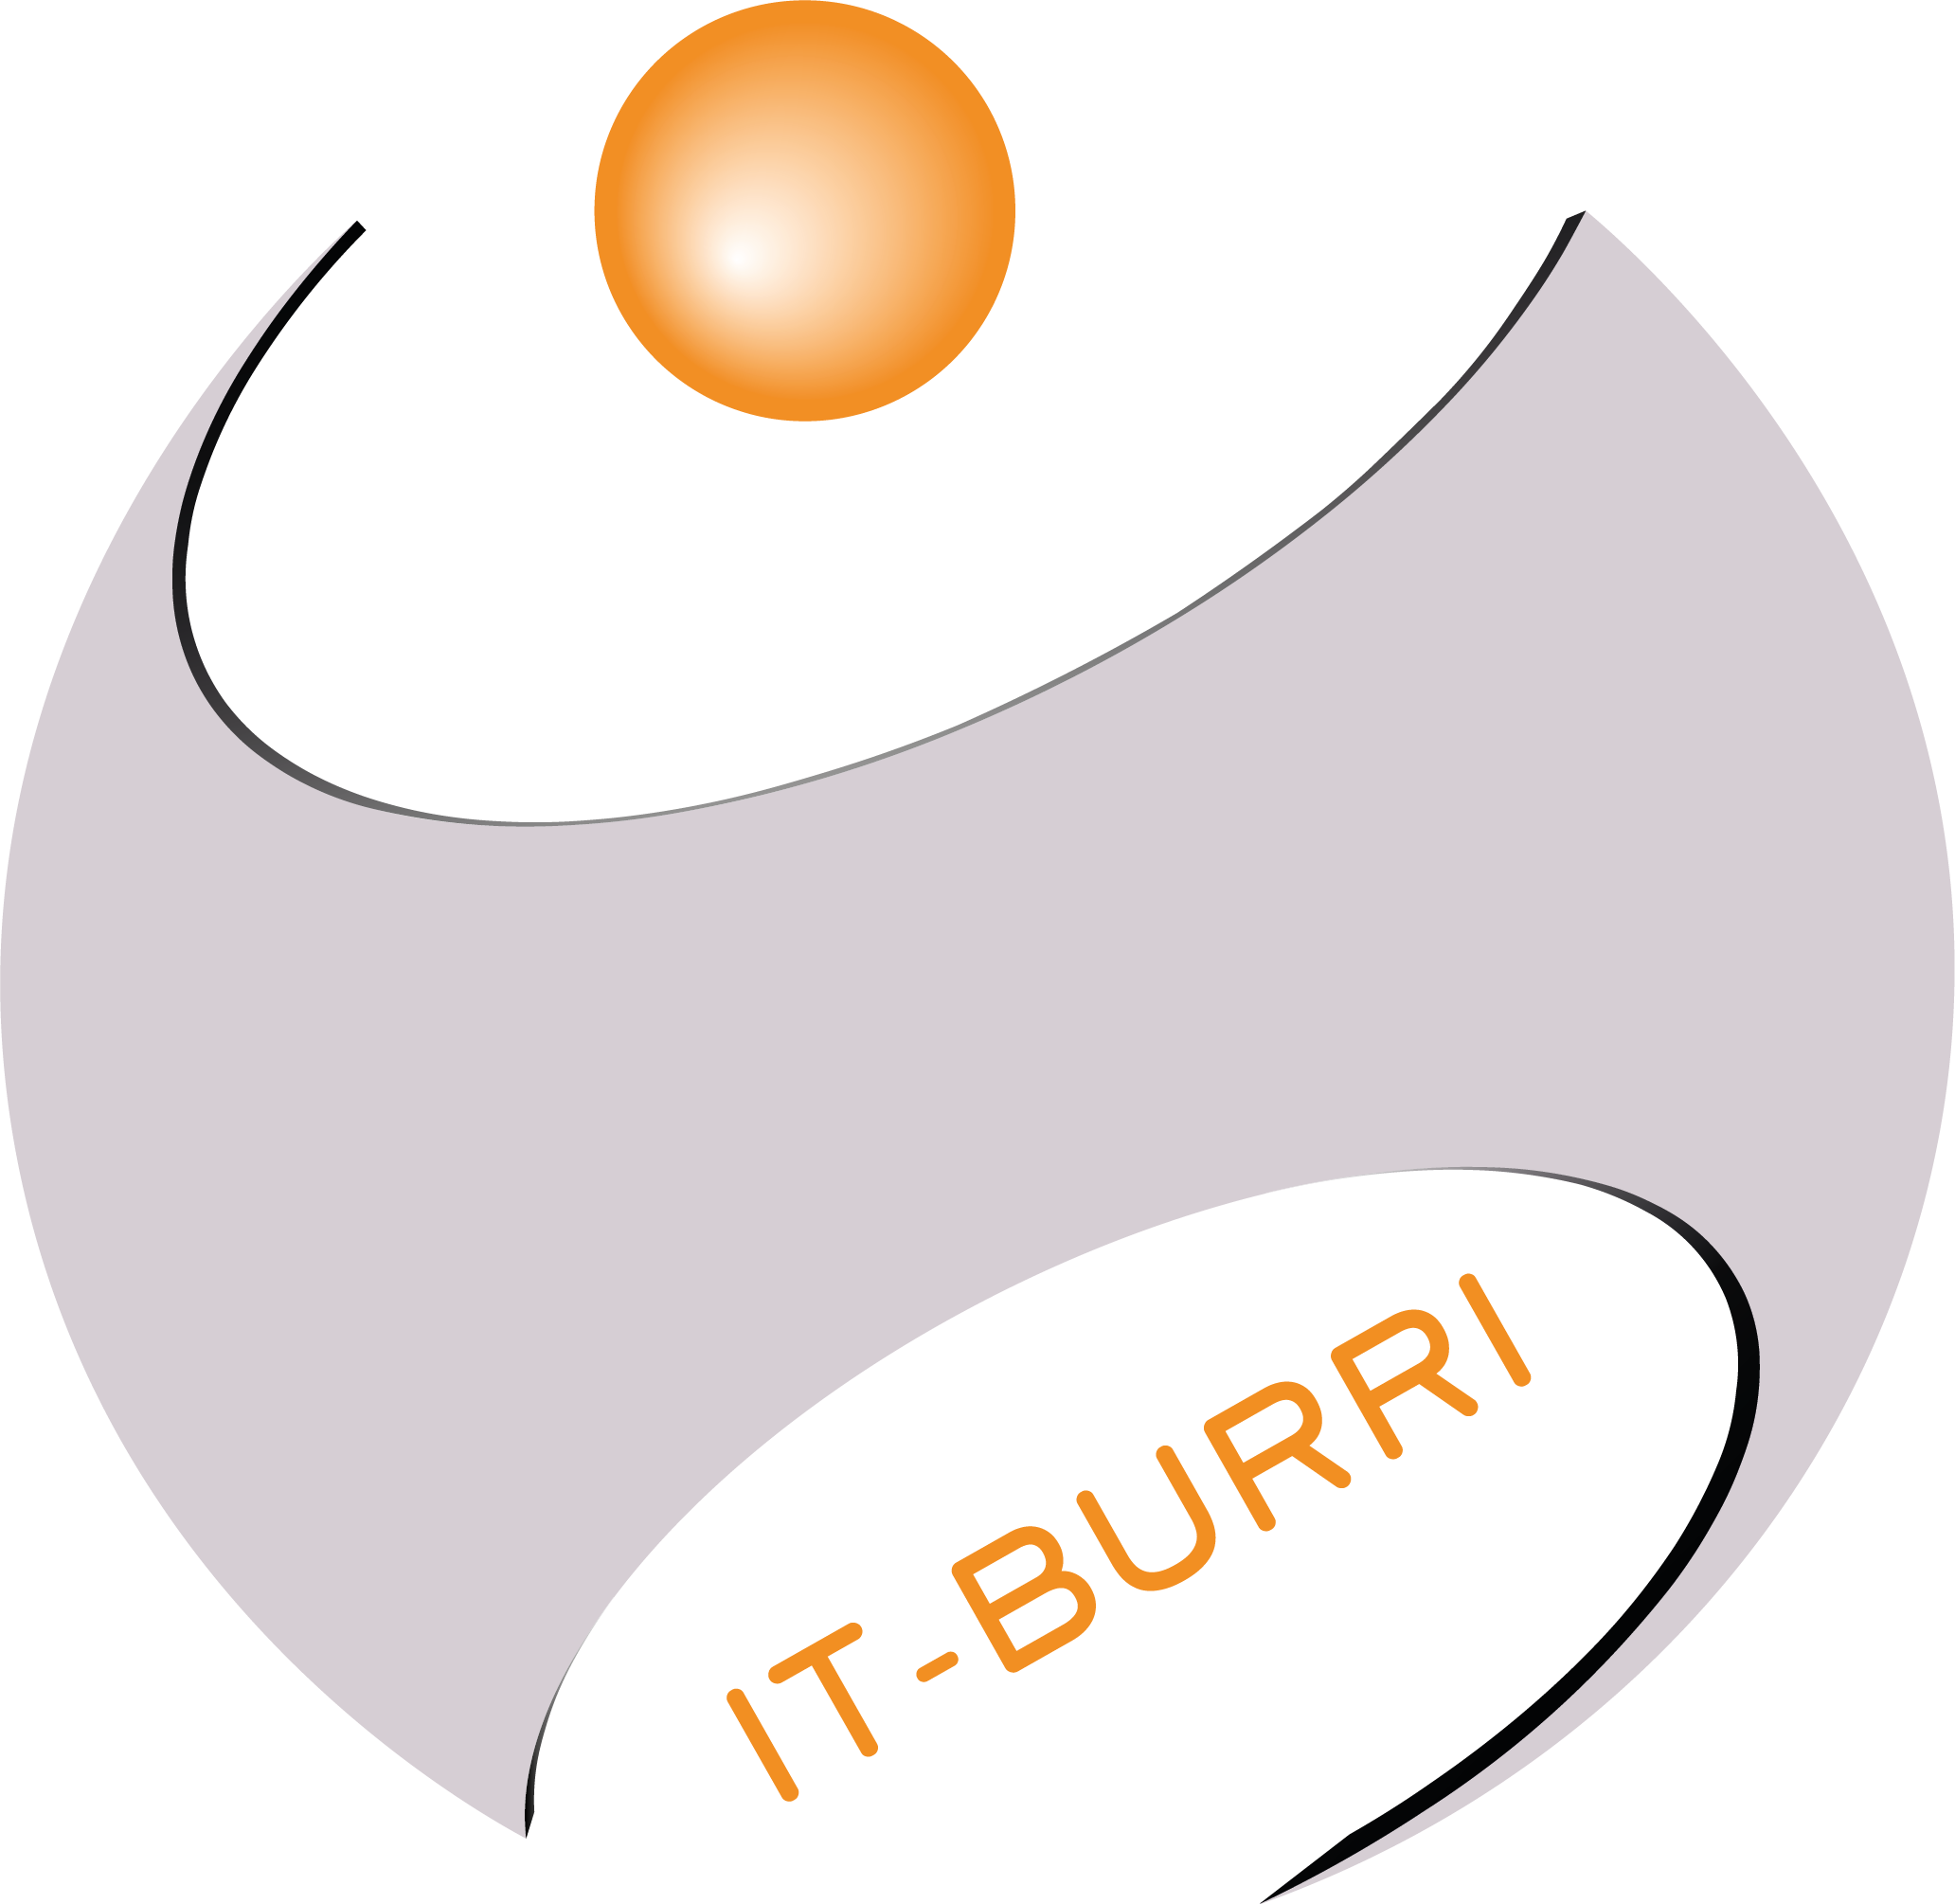 IT-BURRI Technologies de l'information - Neuchâtel - Chaux-de-Fonds - Jura - Val-de-Ruz - Jura Bernois - Informatique - Sécurité - Consulting - Expertise - Système d'information - Gestion de projets - Veille technologique - Cloud - Site web